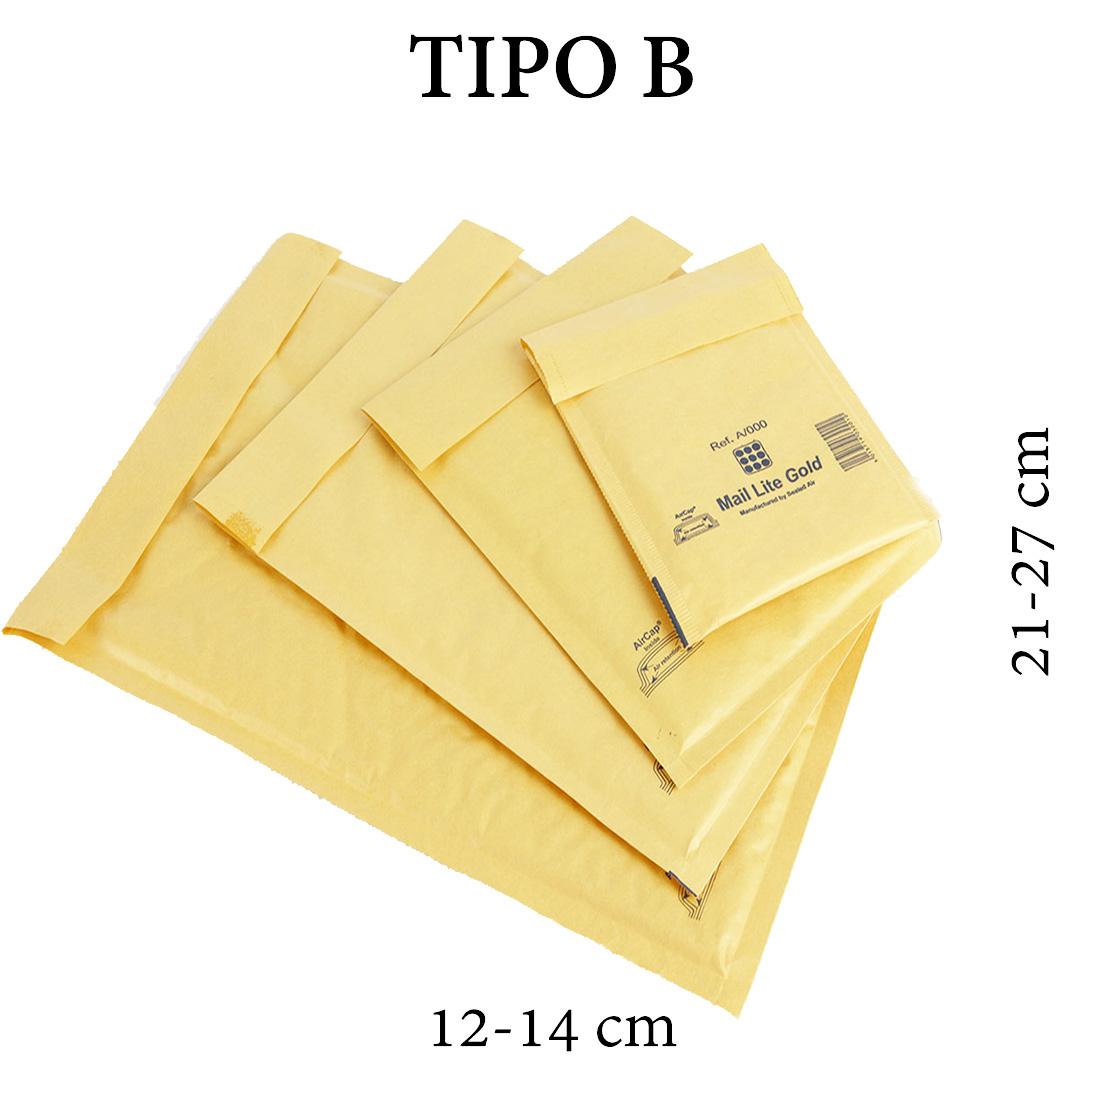 BUSTA IMBOTTITA SACBOLL B-2 12x20cm F.TO UTILE 10pz (BIB)